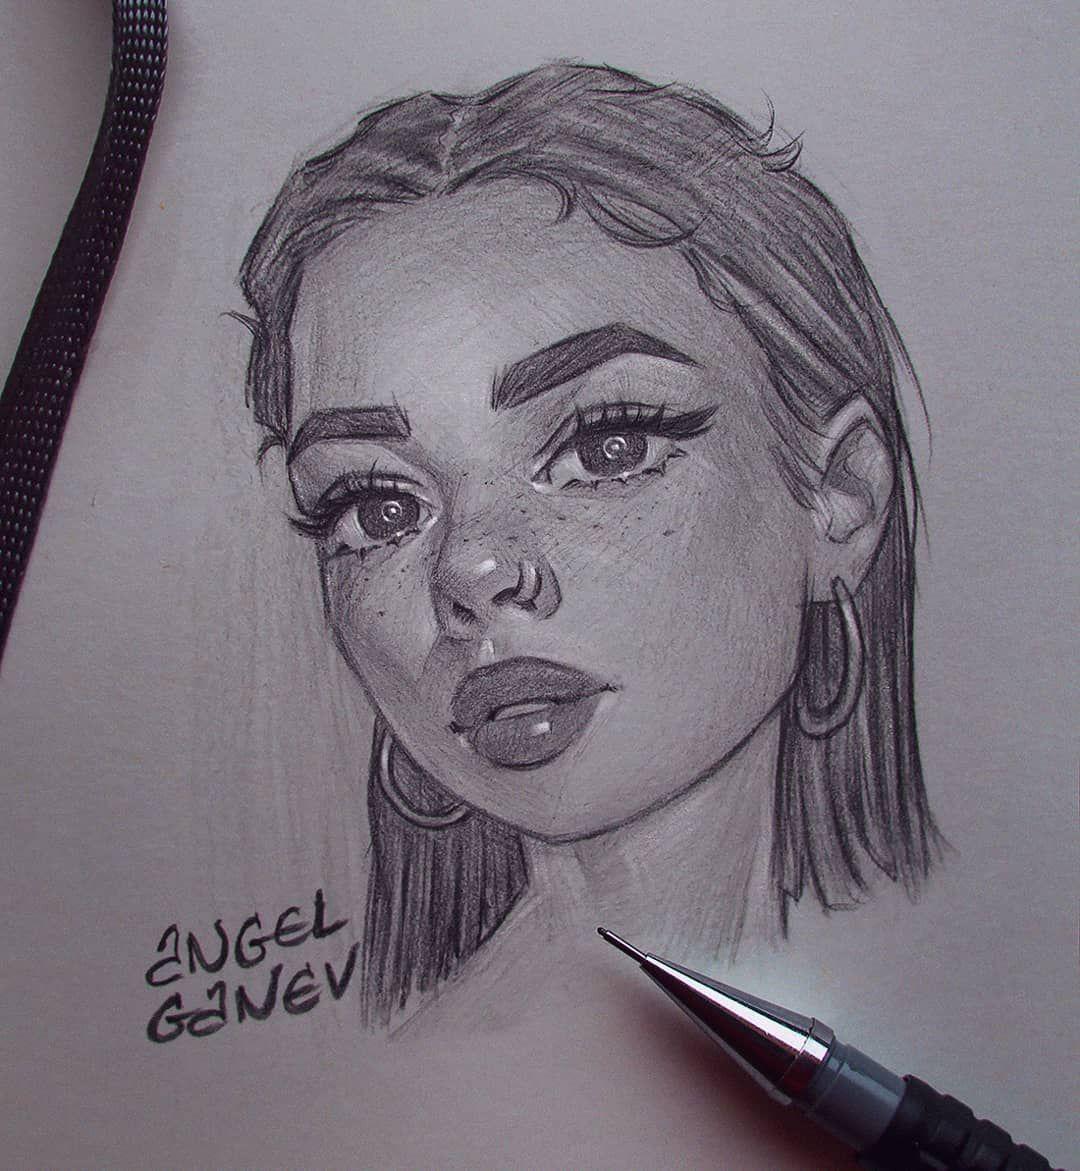 A Imagem Pode Conter 1 Pessoa Desenho Arte Estetica Arte